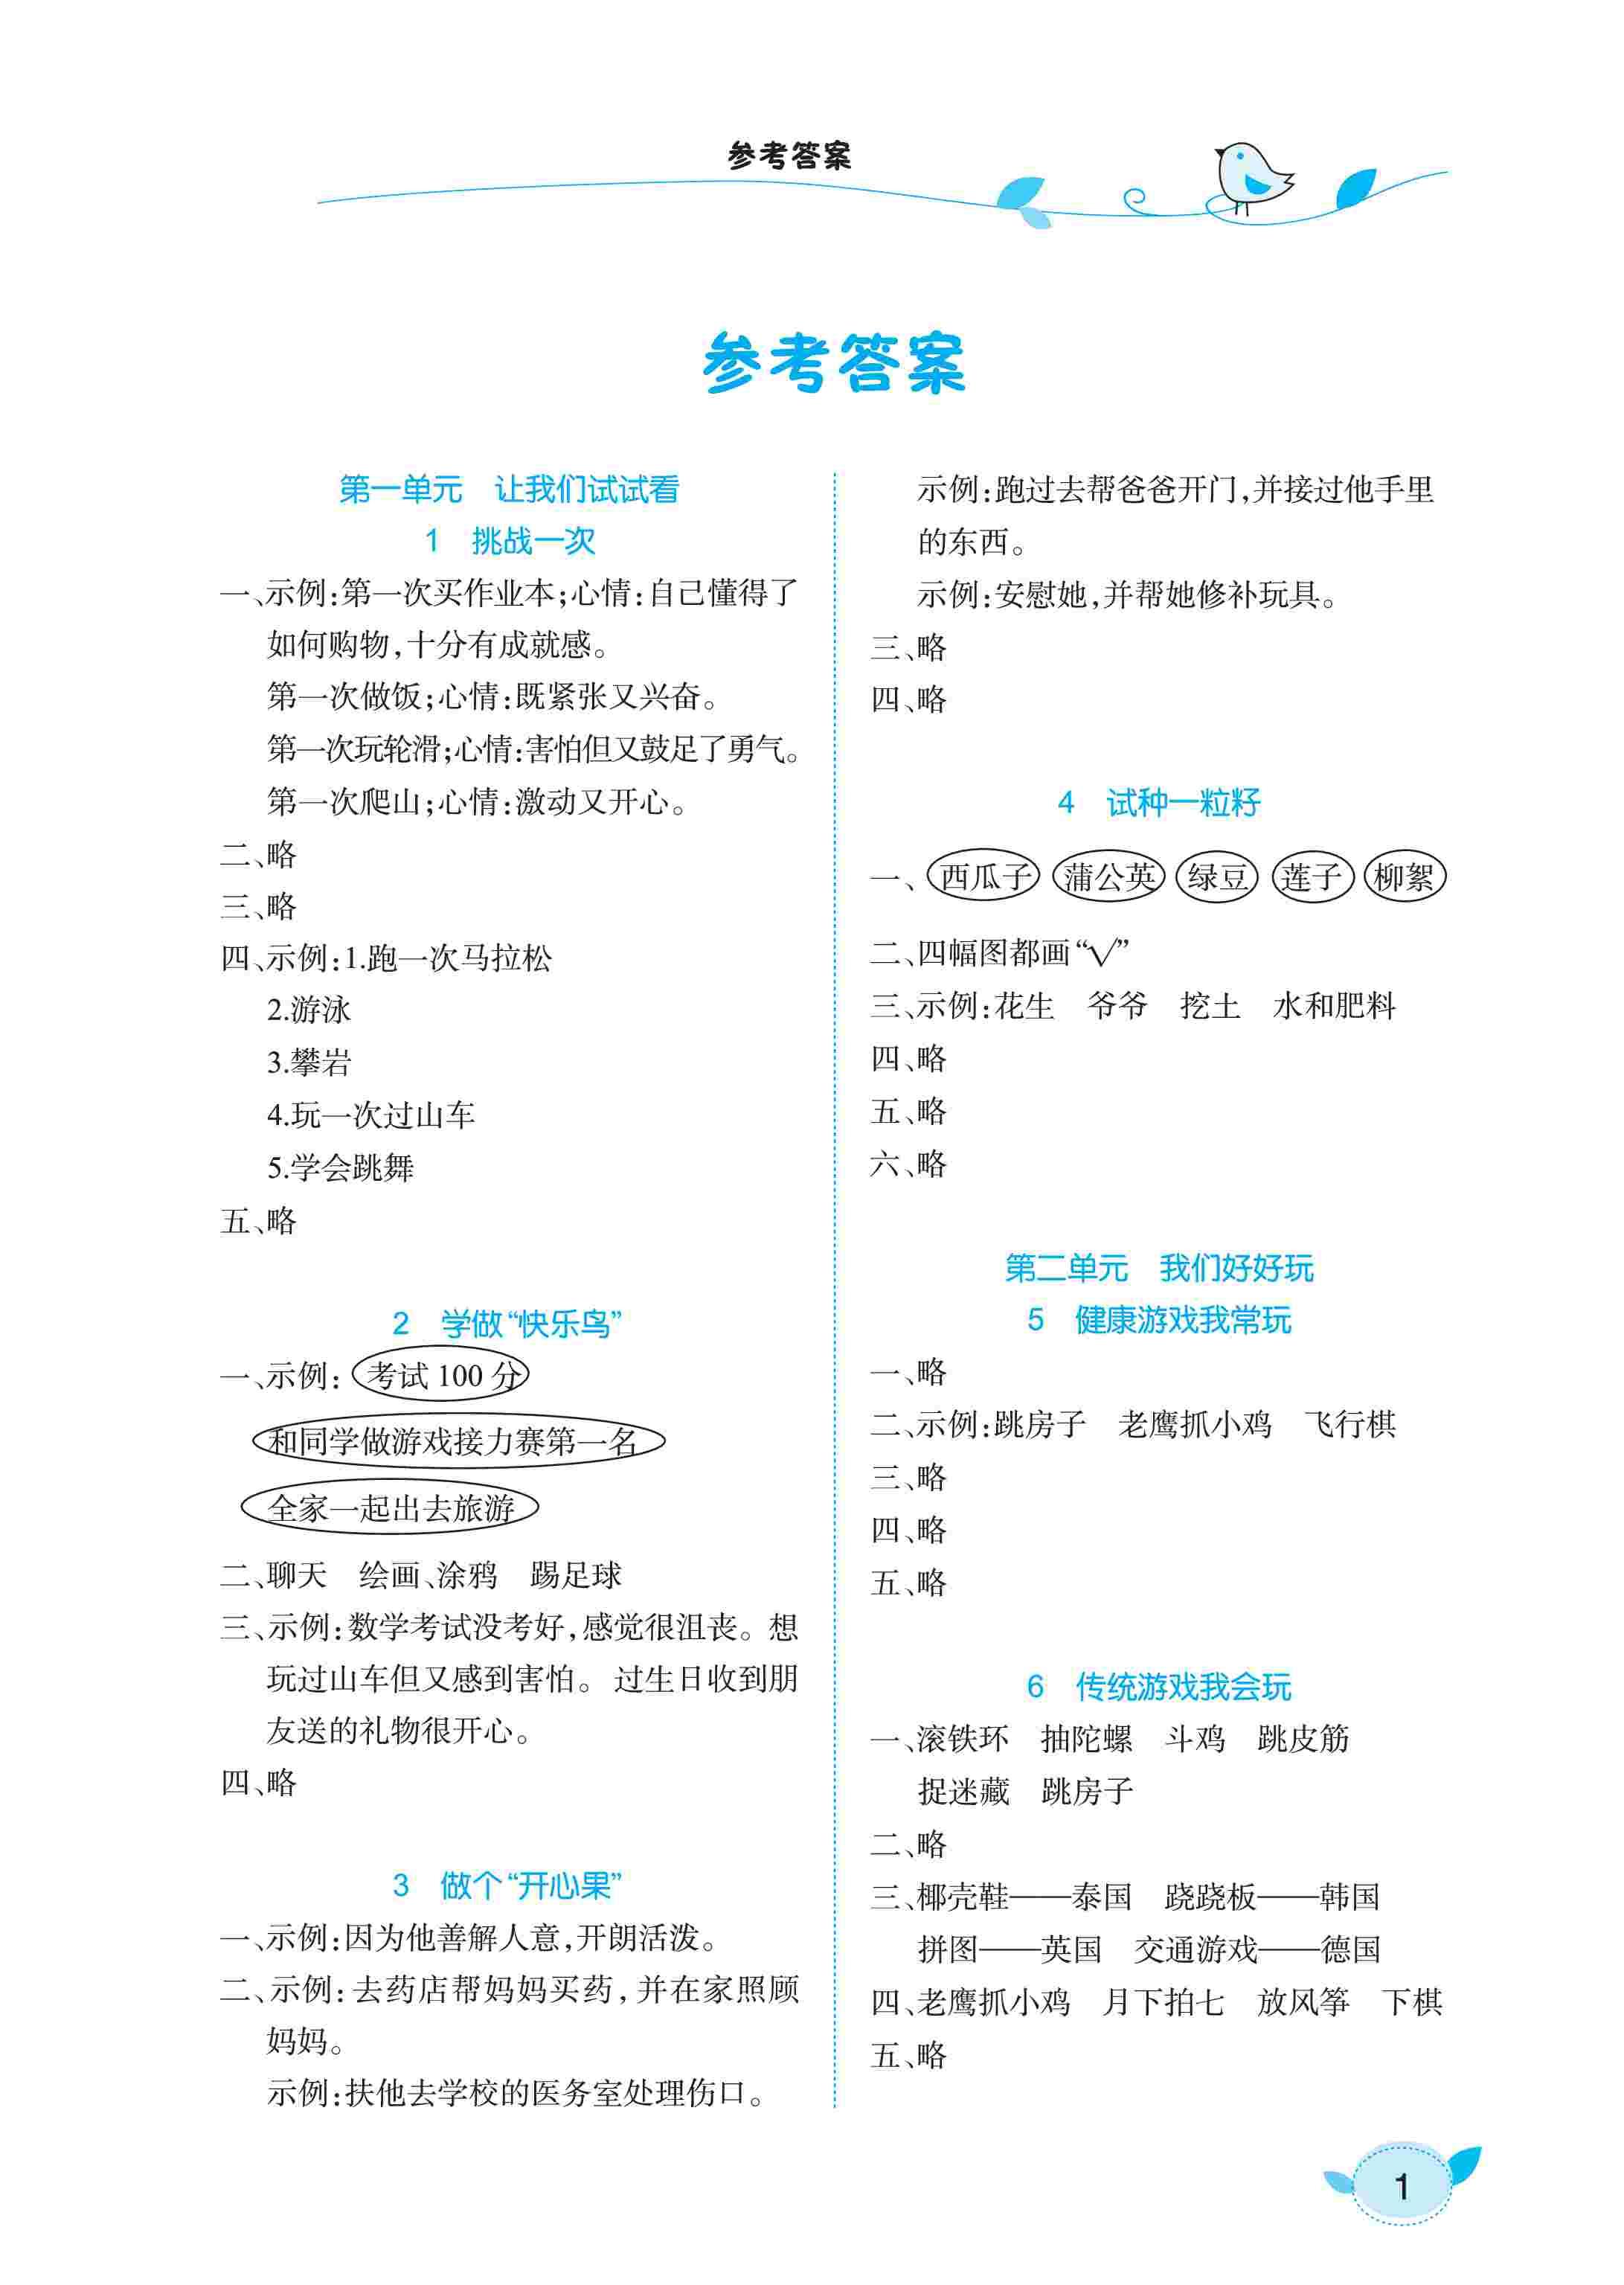 长江作业本课堂作业 道德与法治2下(人教版)第1页